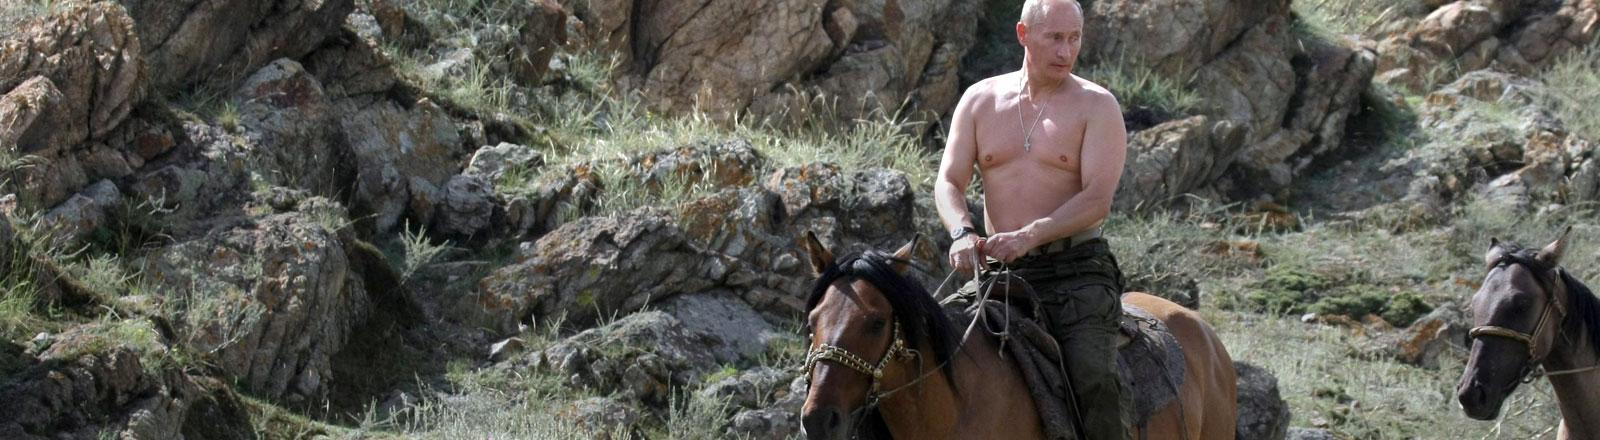 Wladimir Putin reitet mit nacktem Oberkörper auf einem braunen Pferd.